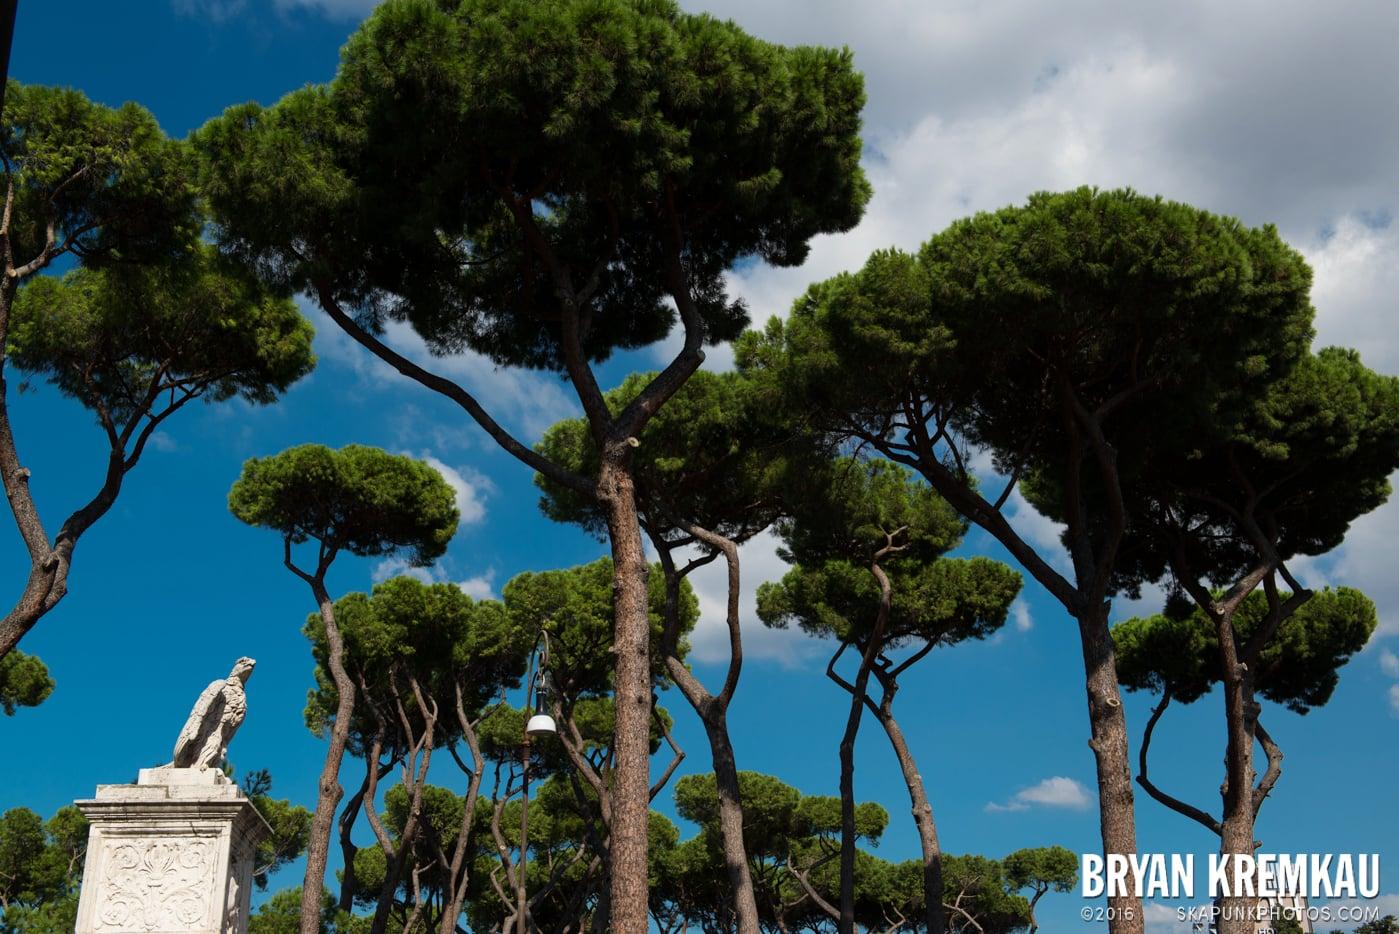 Italy Vacation - Day 12: Rome - 9.20.13 (6)